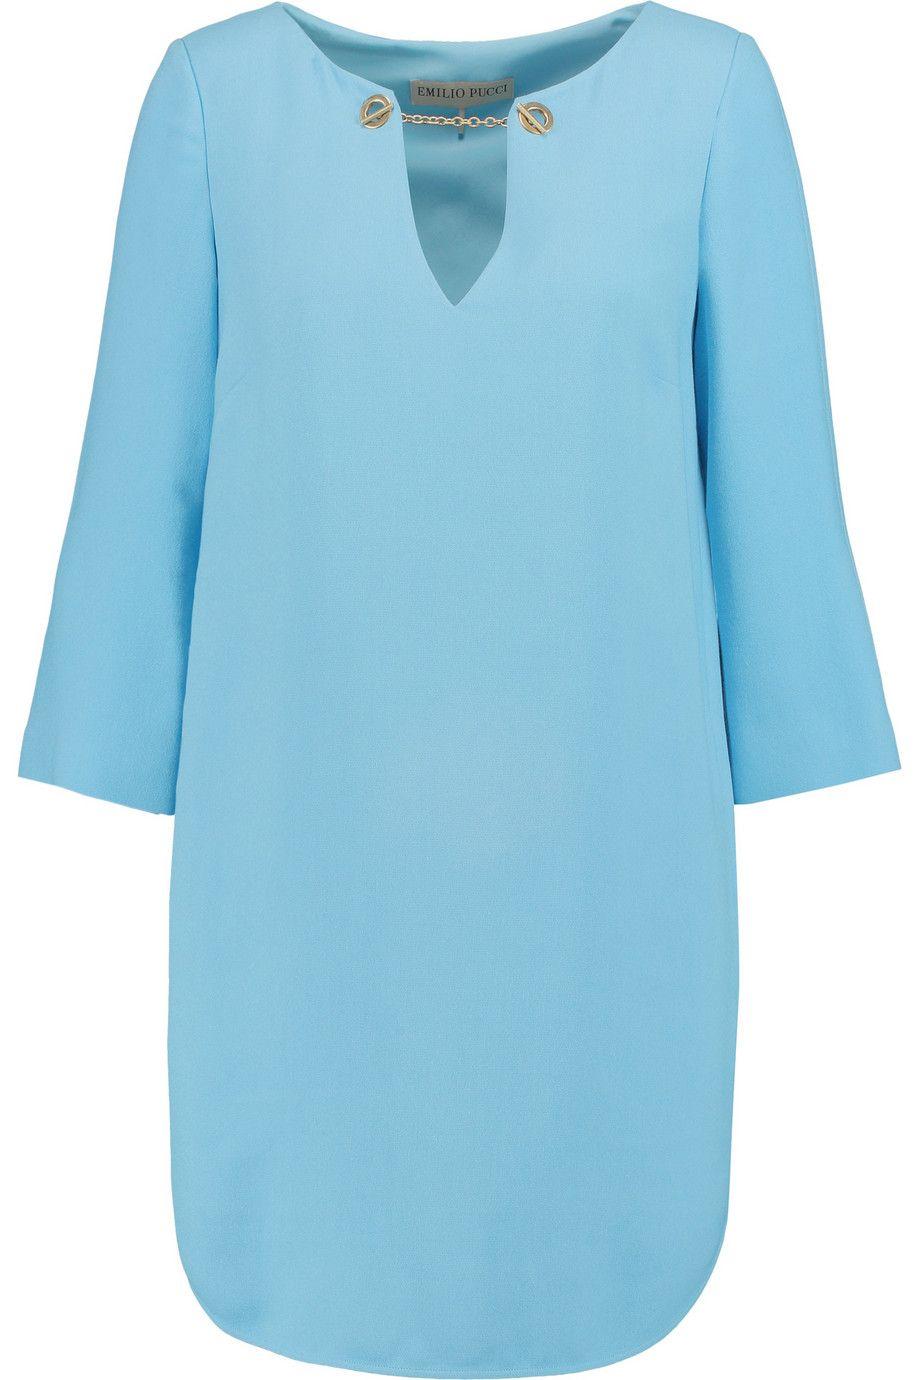 EMILIO PUCCI Chain-Trimmed Stretch-Crepe Mini Dress. #emiliopucci #cloth #dress